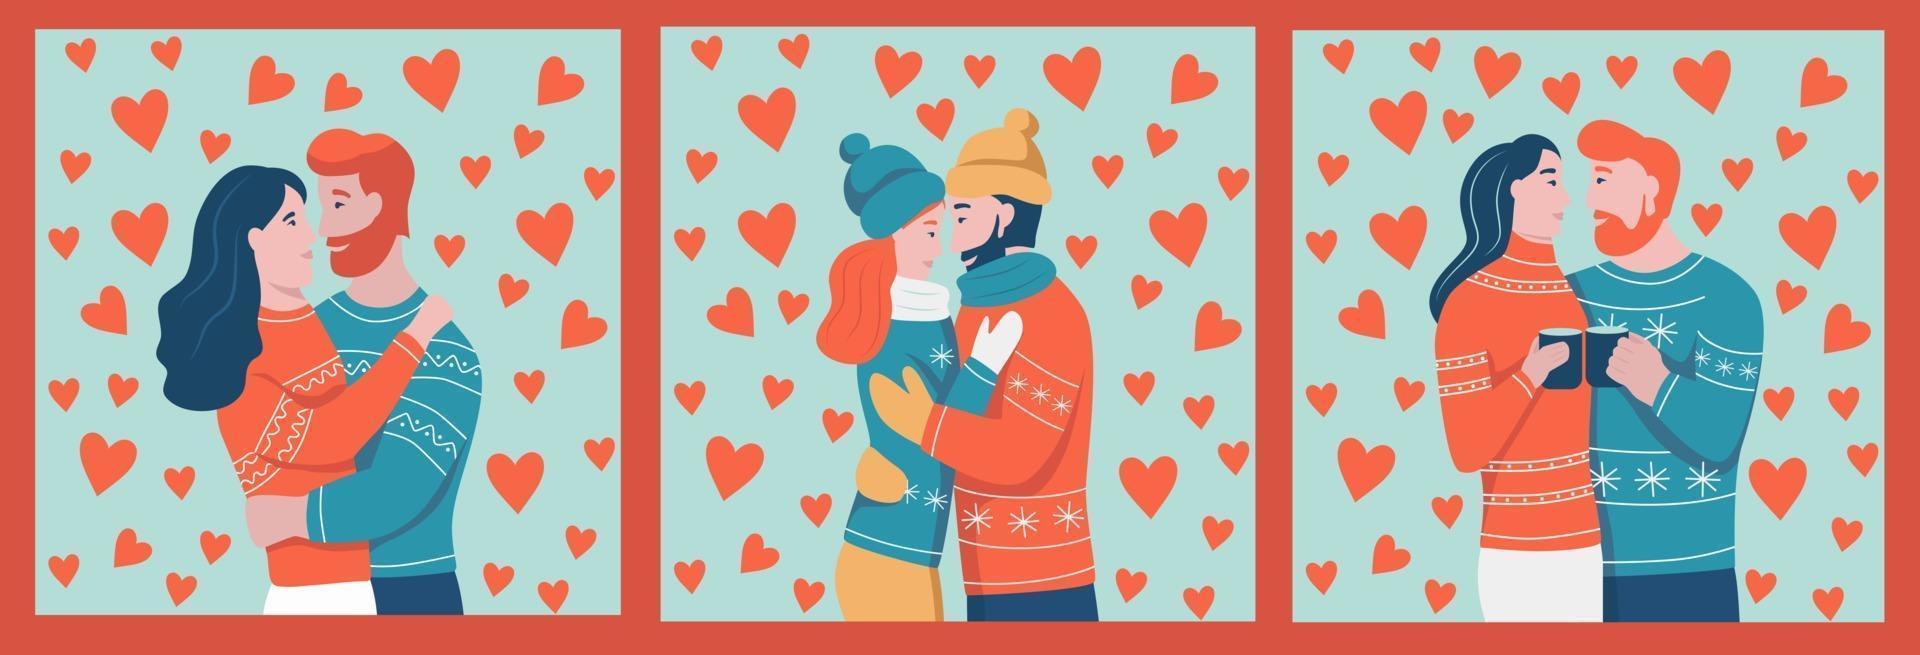 un ensemble de cartes et de modèles pour la Saint-Valentin. le couple s'étreint. jeunes amoureux. un homme et une femme sur le fond des coeurs. illustration vectorielle de dessin animé plat. vecteur